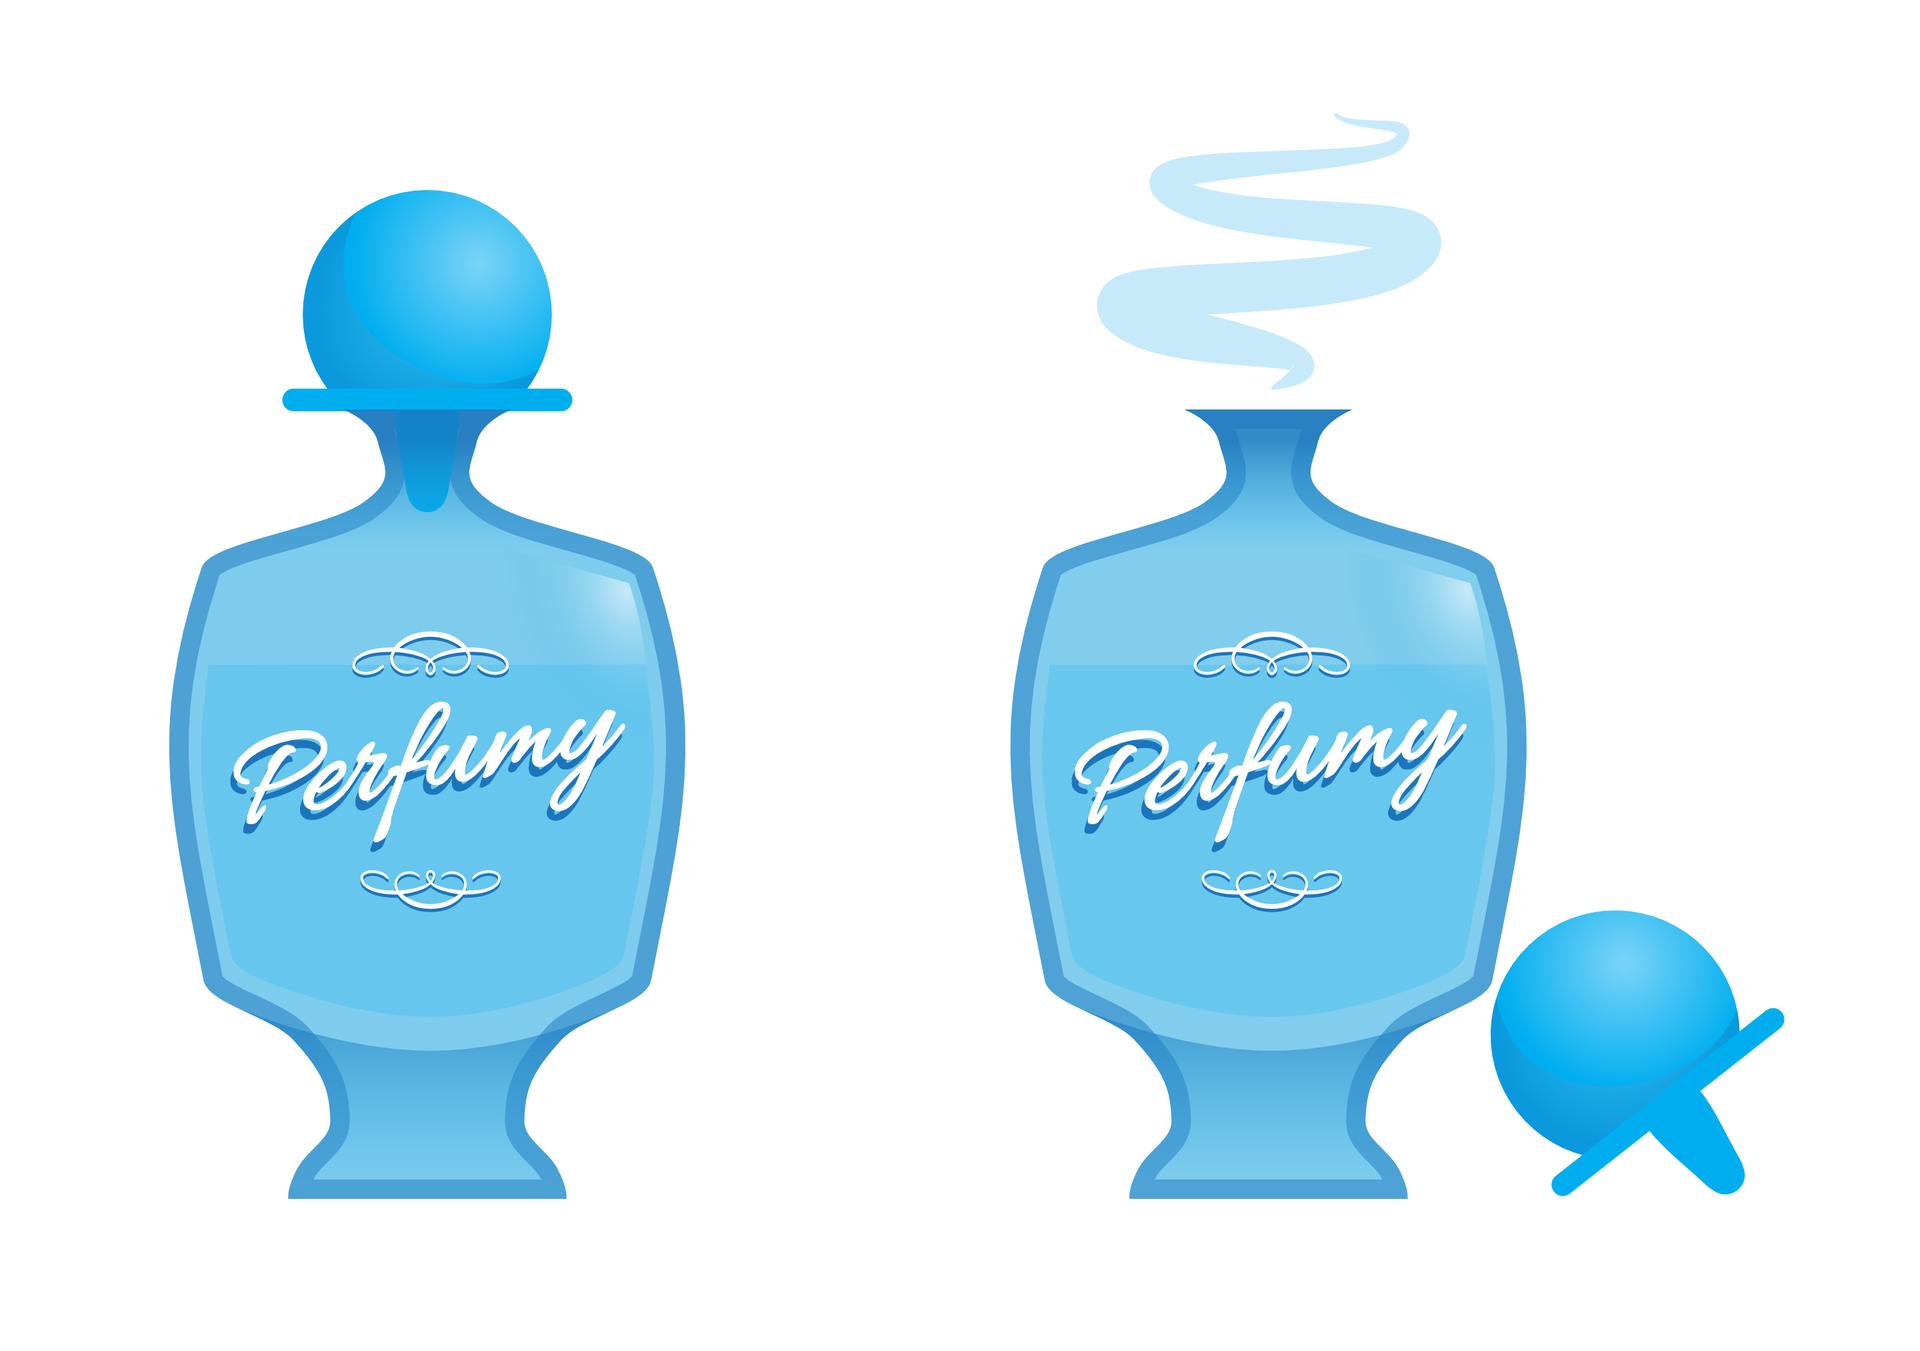 Ilustracja zawiera dwa rysunki przedstawiające ten sam elegancki, niebieski flakon, zwykaligrafowanym słowem Perfumy. Na rysunku zlewej strony flakon stoi zakorkowany. Na rysunku zprawej strony flakon jest odkorkowany, akorek leży obok niego. Zotwartego flakonu unoszą się opary perfum.